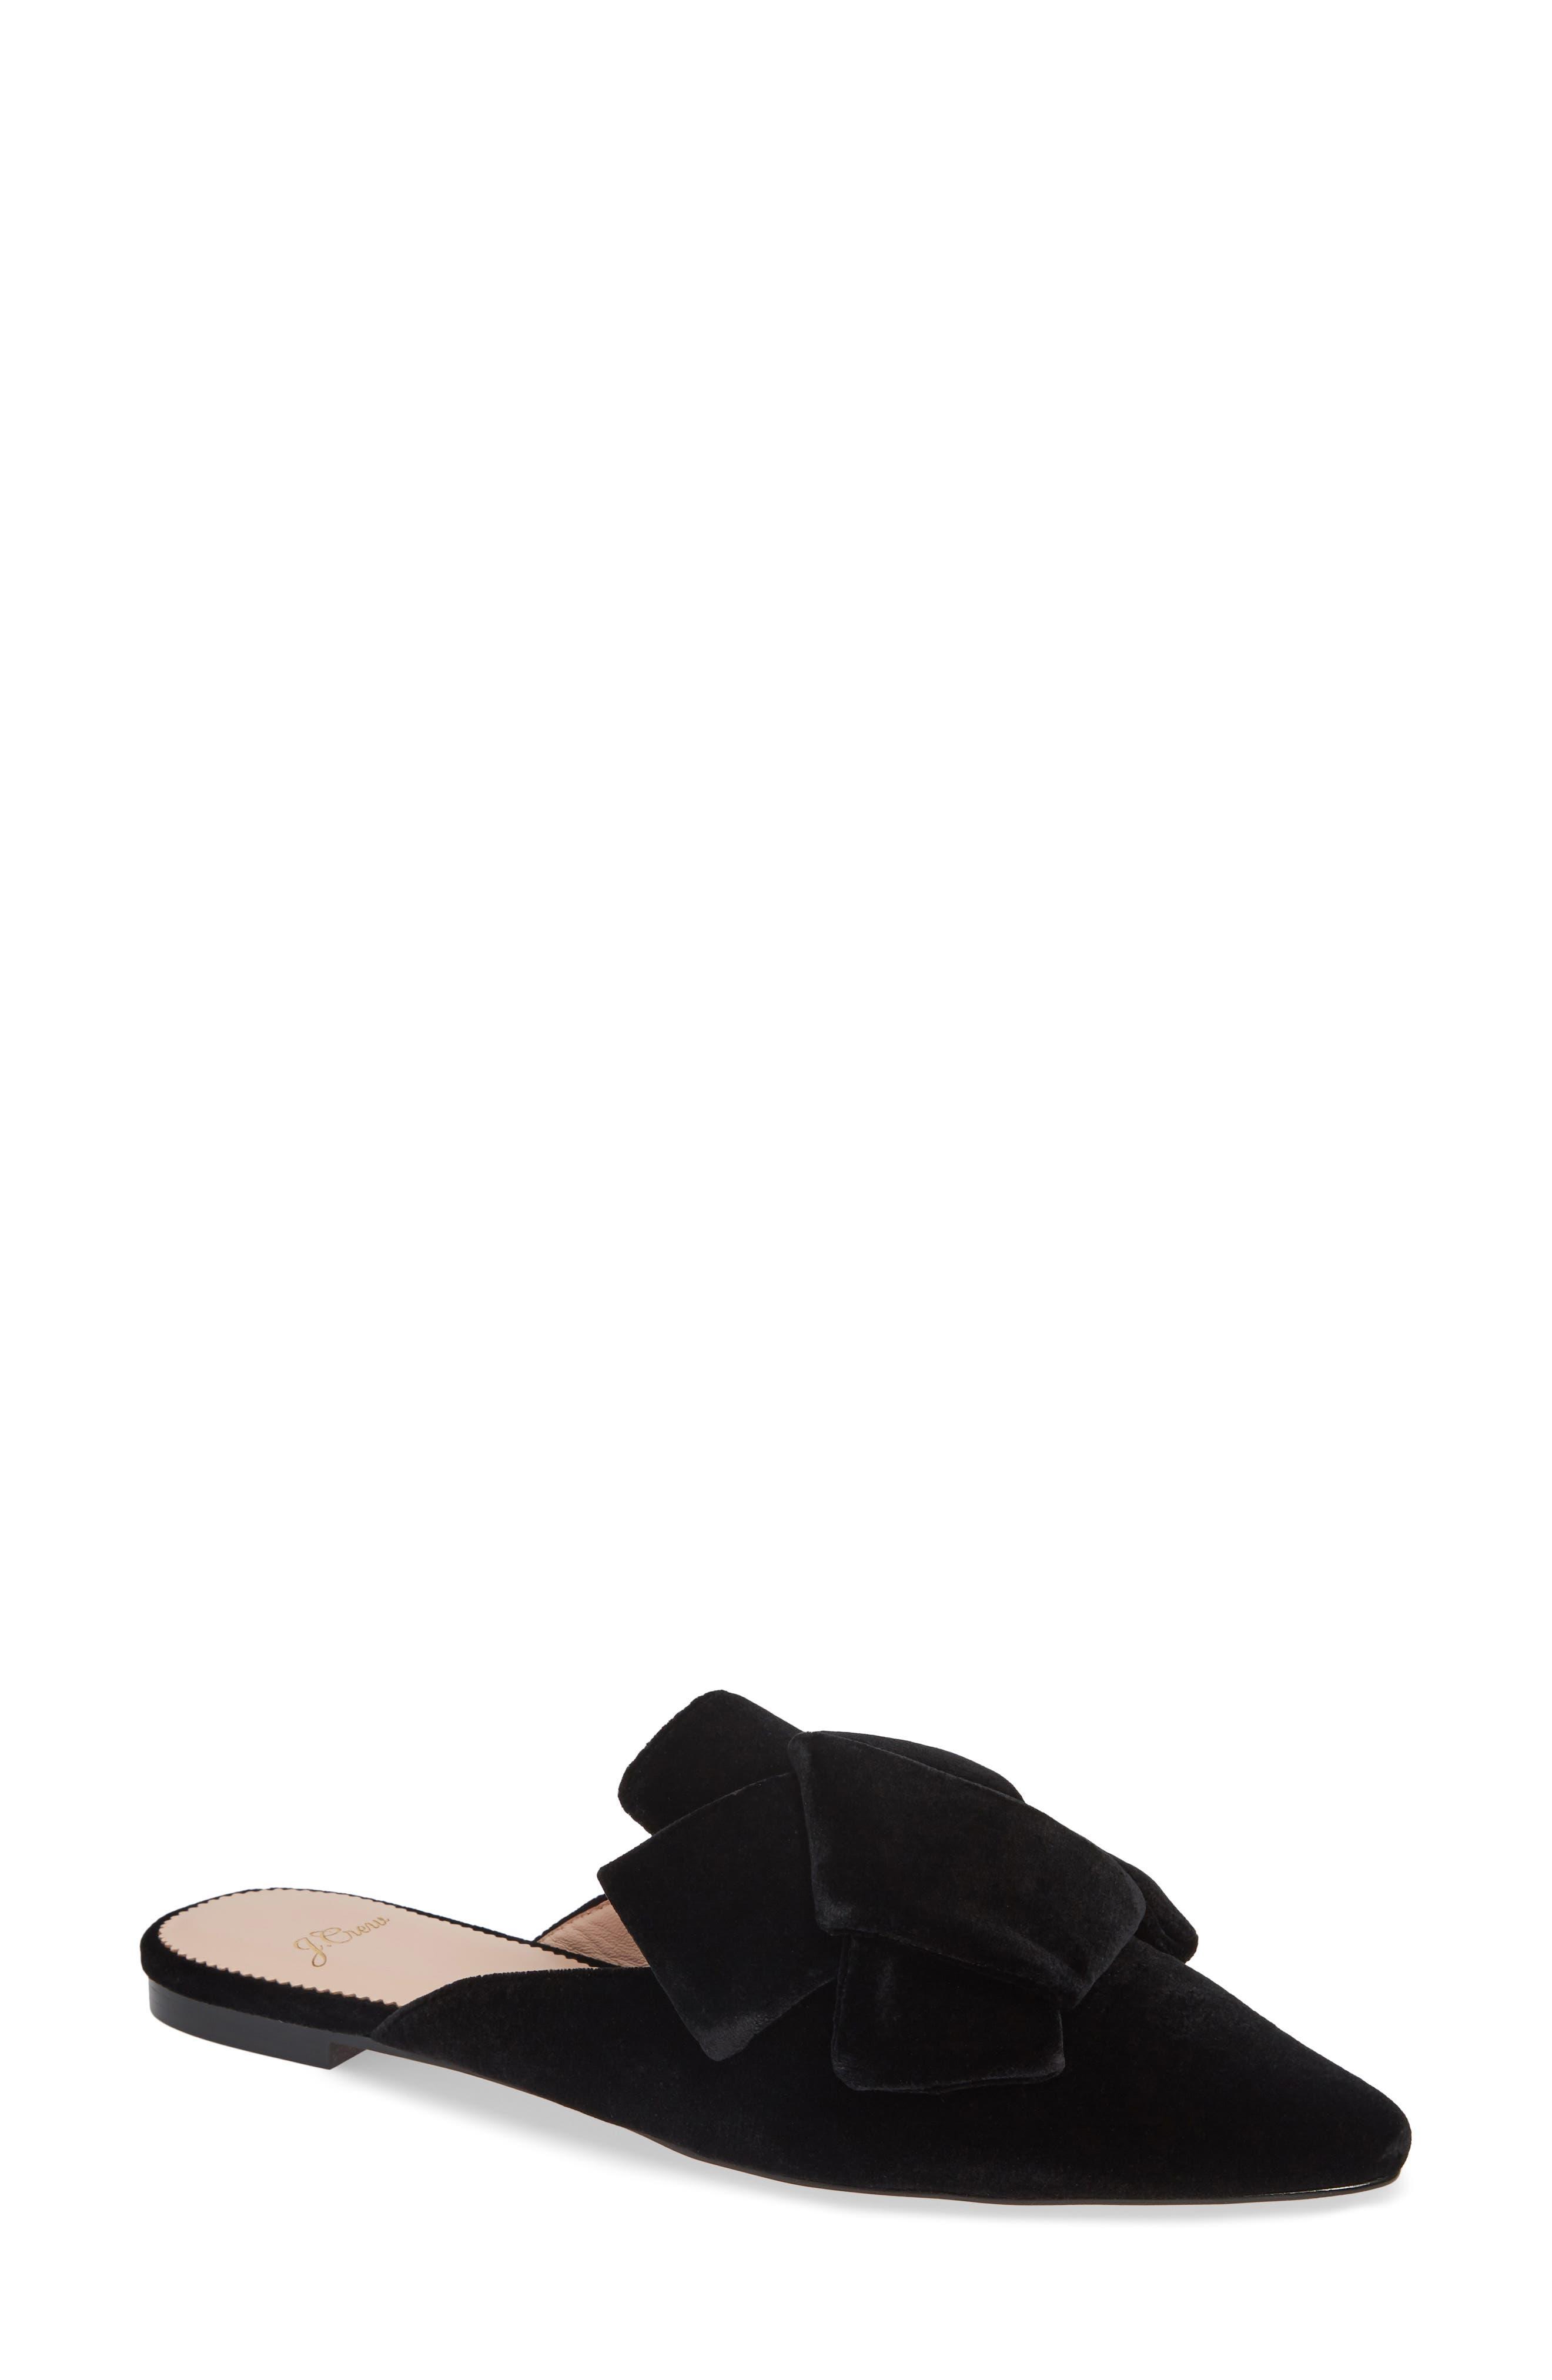 J.CREW, Pointed Toe Slide Sandal, Main thumbnail 1, color, BLACK VELVET